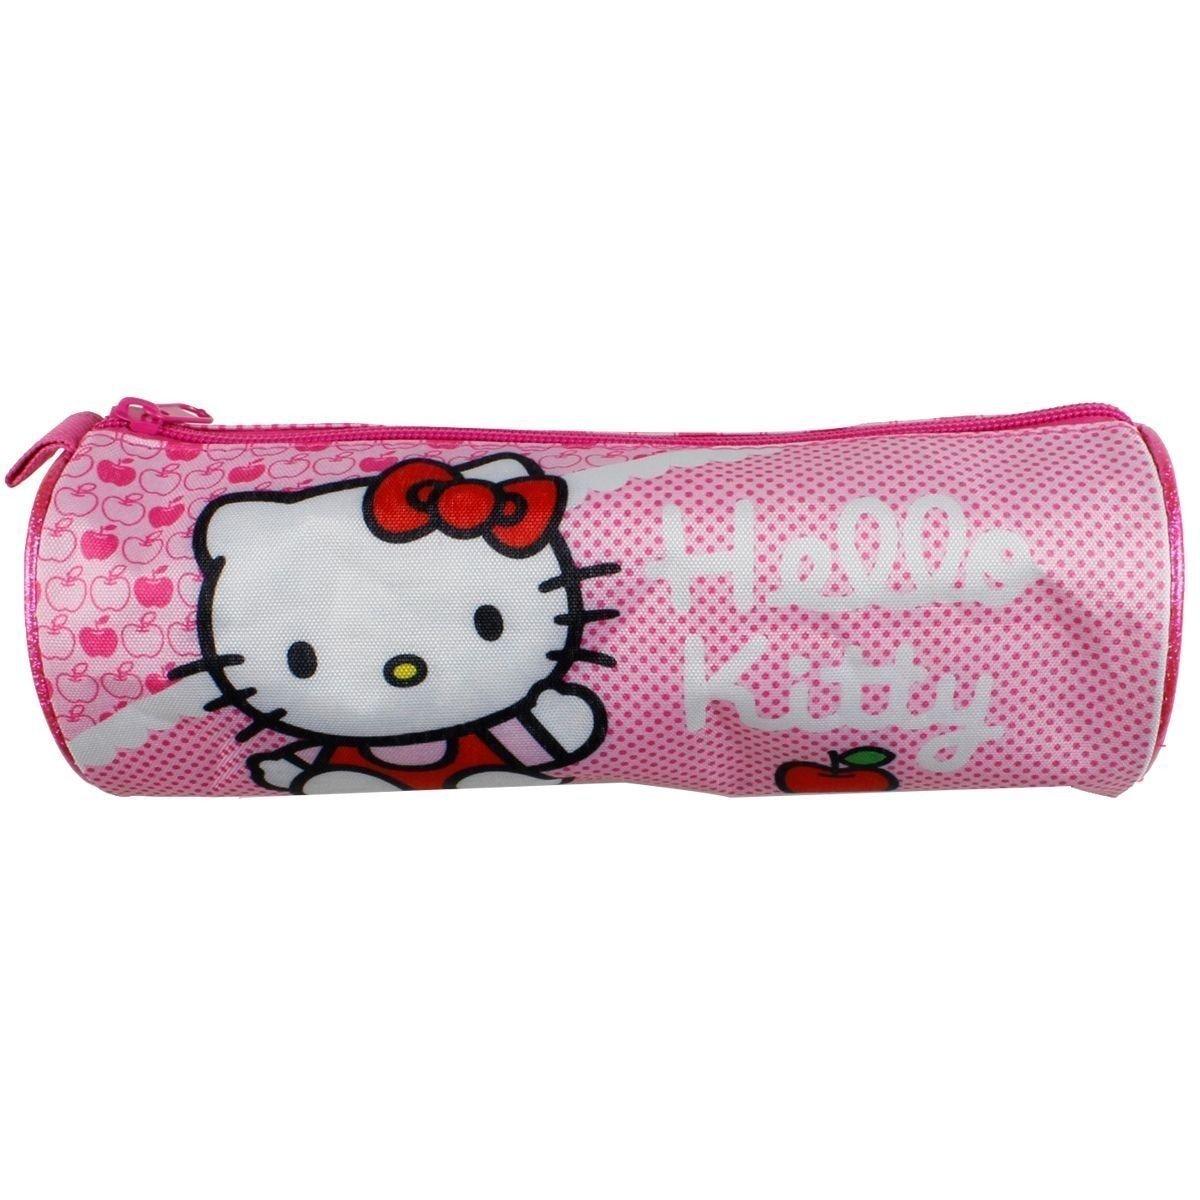 Estuche Hello Kitty Pink surtido: Amazon.es: Oficina y papelería